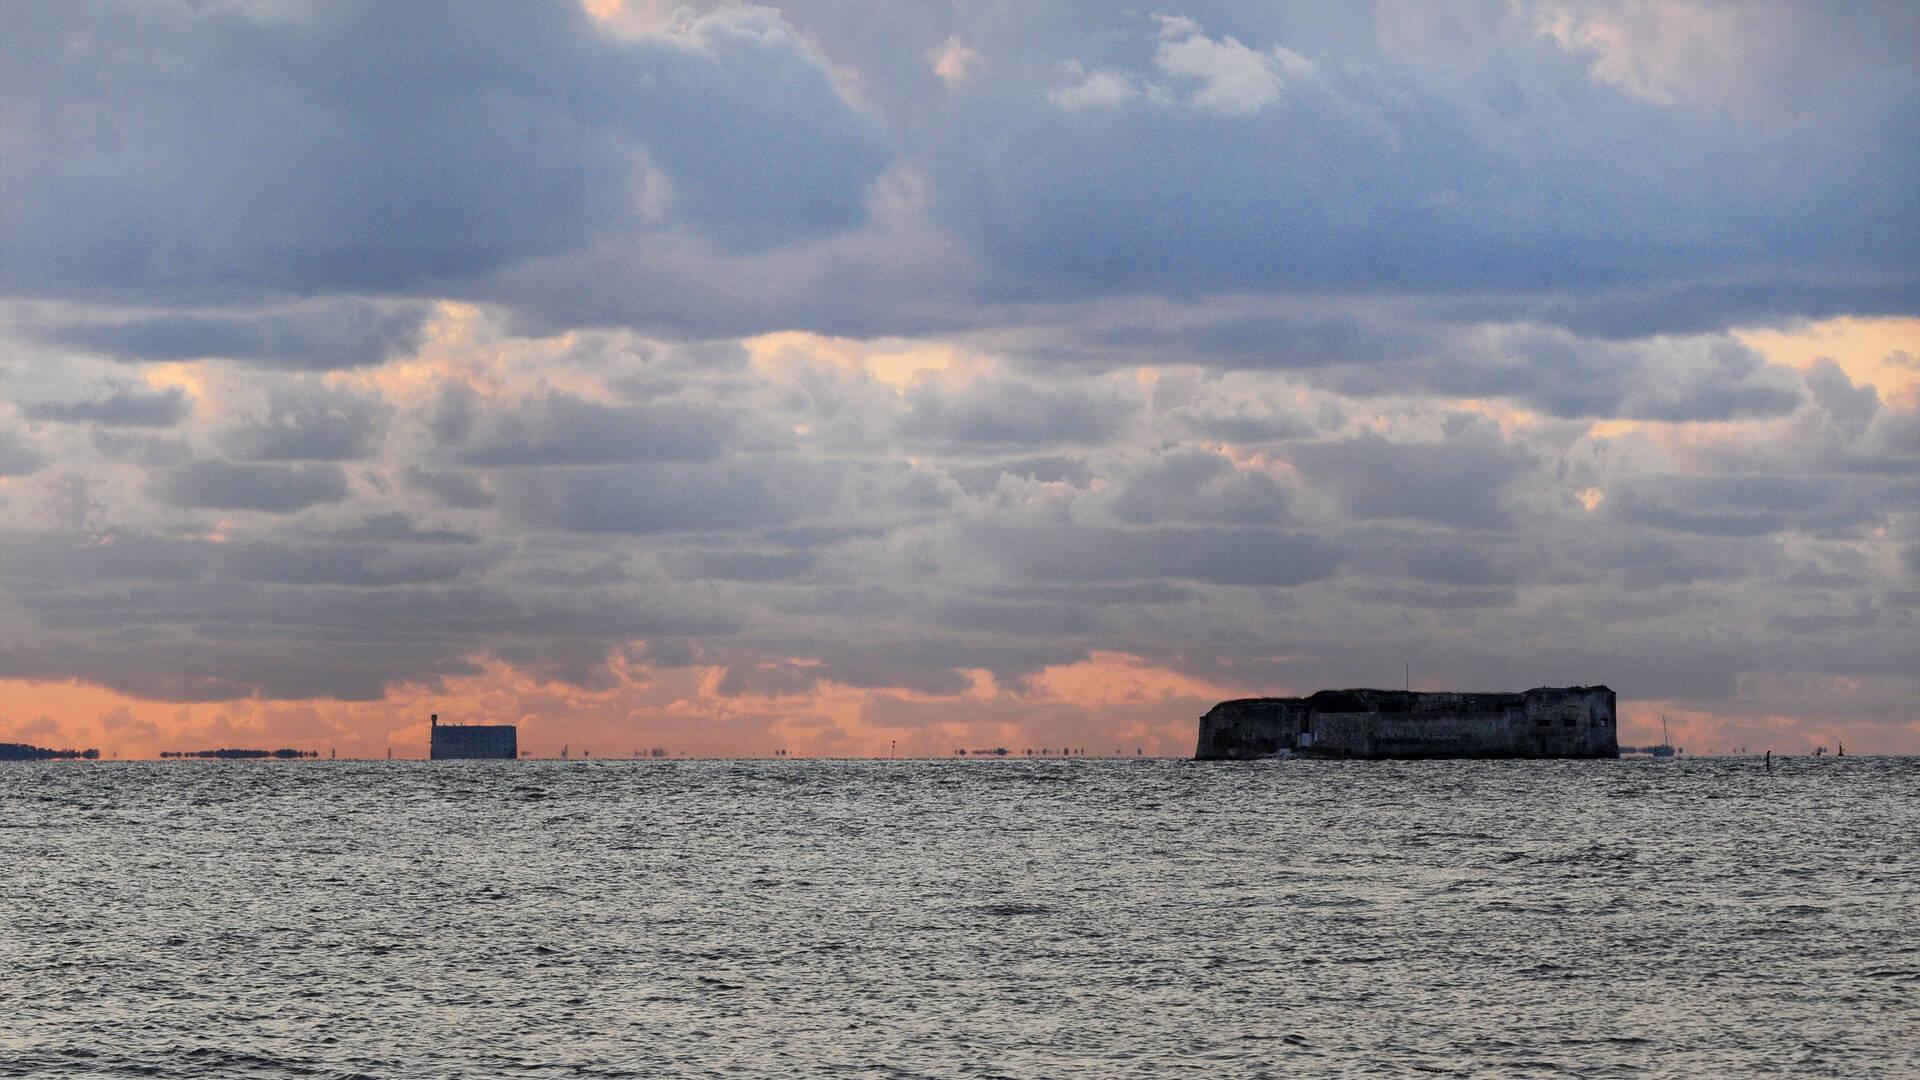 rochefort-ocean-fouras-pointe-de-la-fumee©marie-francoise-boufflet